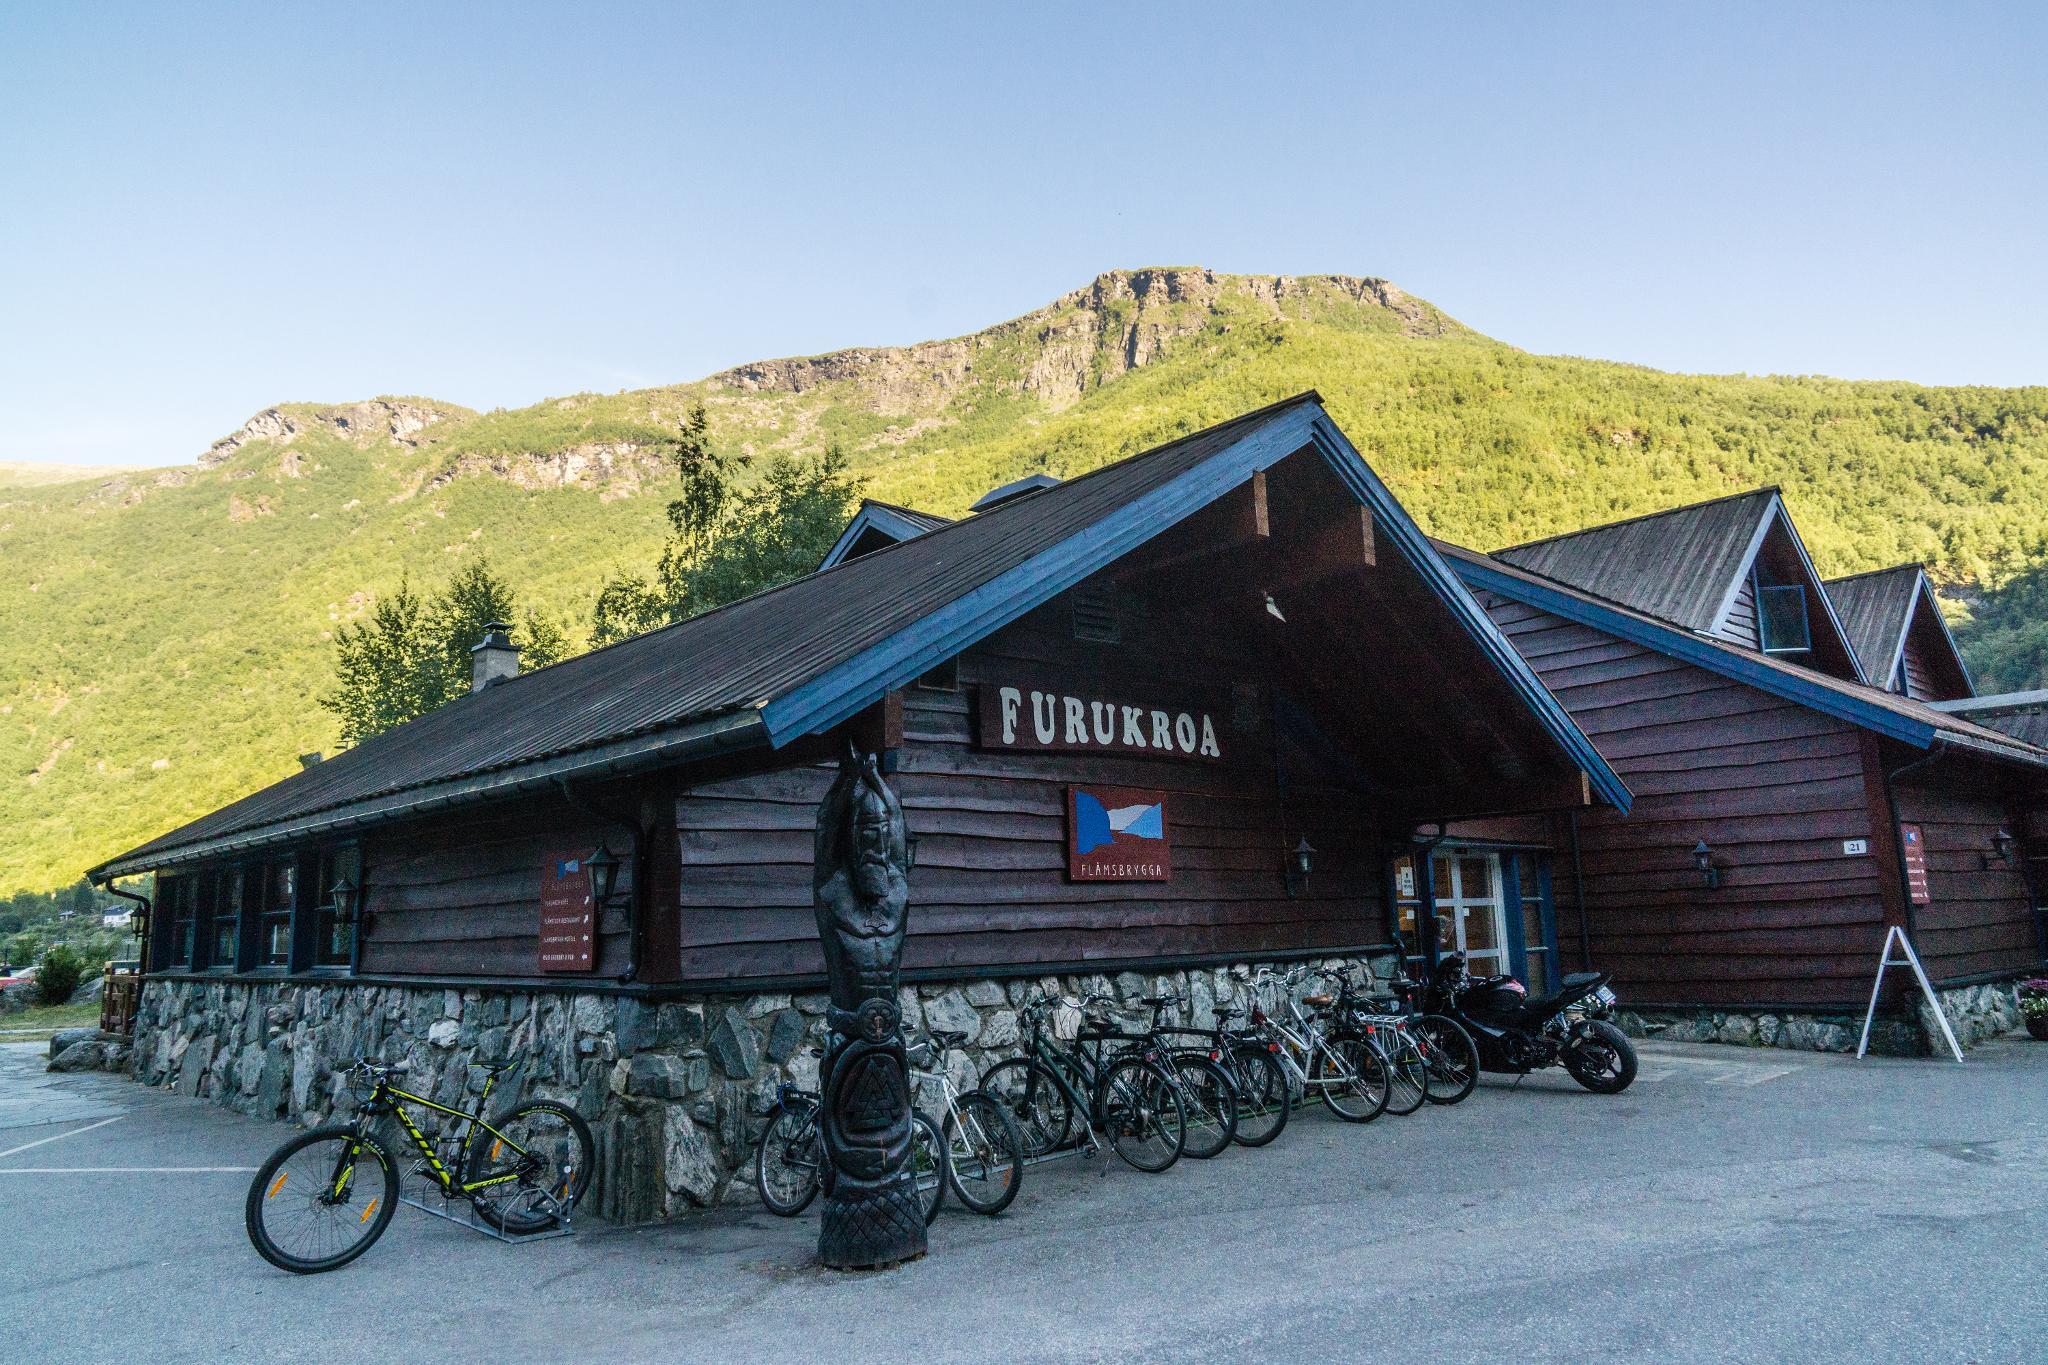 【北歐景點】Flåm 弗洛姆小鎮 — 挪威縮影的重要轉運站 (Flåm Camping與松恩峽灣渡輪介紹) 10